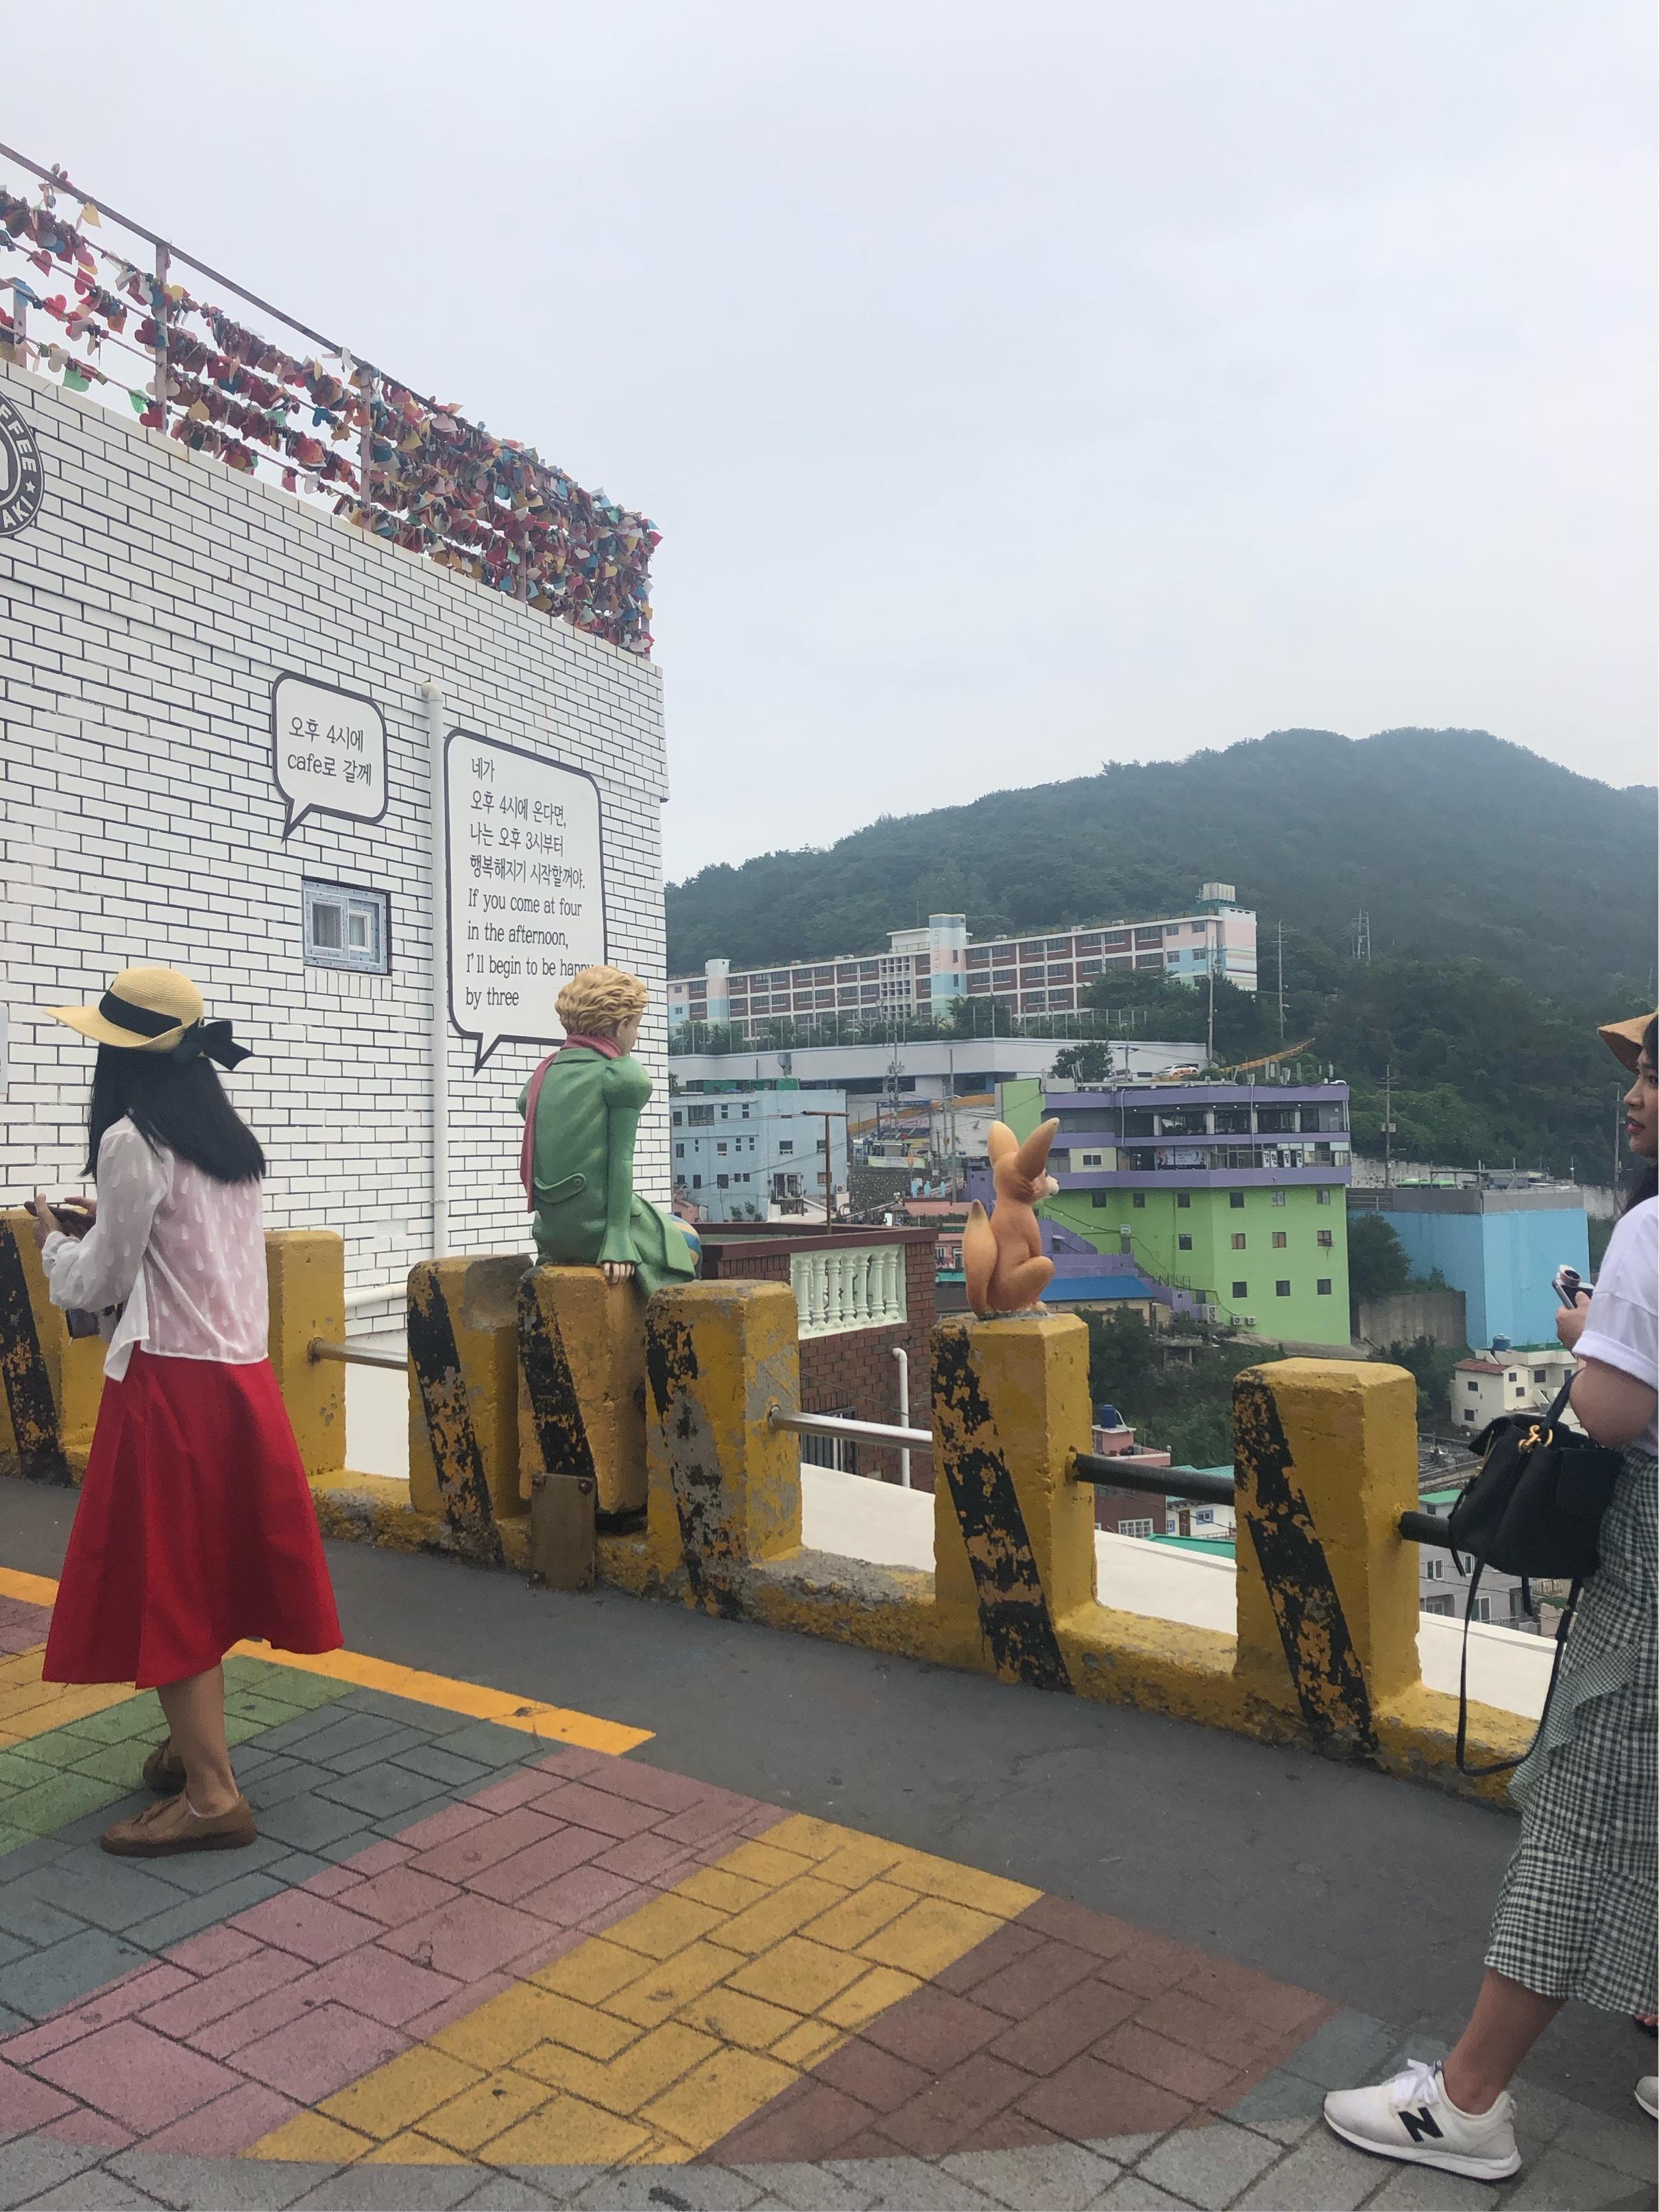 【韓国】釜山女子旅①インスタ映えスポット2選_1_5-3